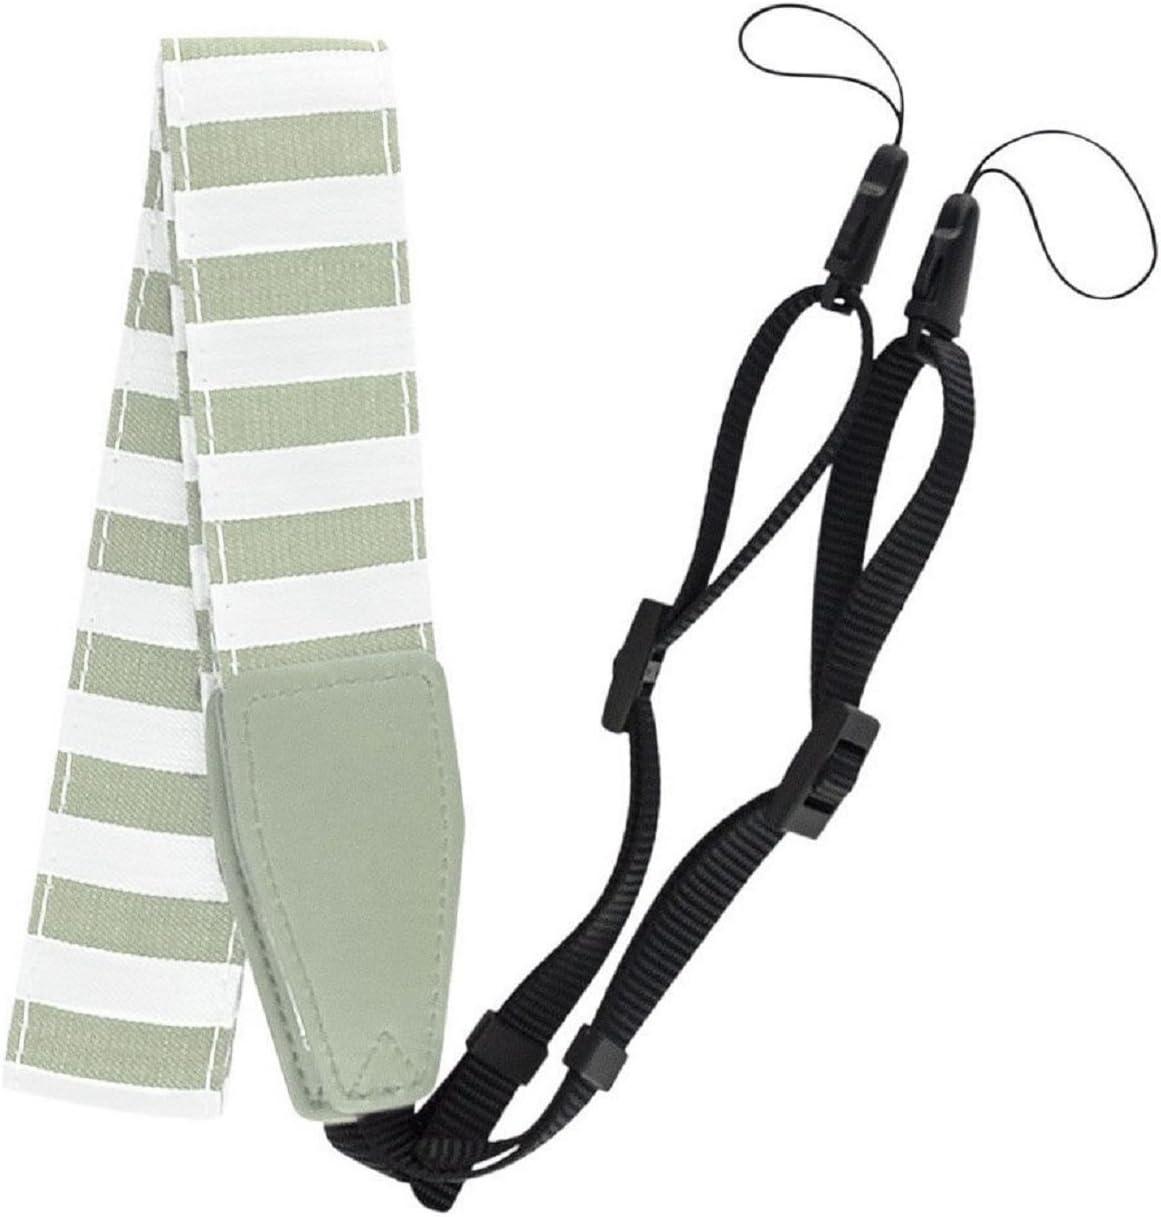 Striped Camera Strap For Neck Shoulder